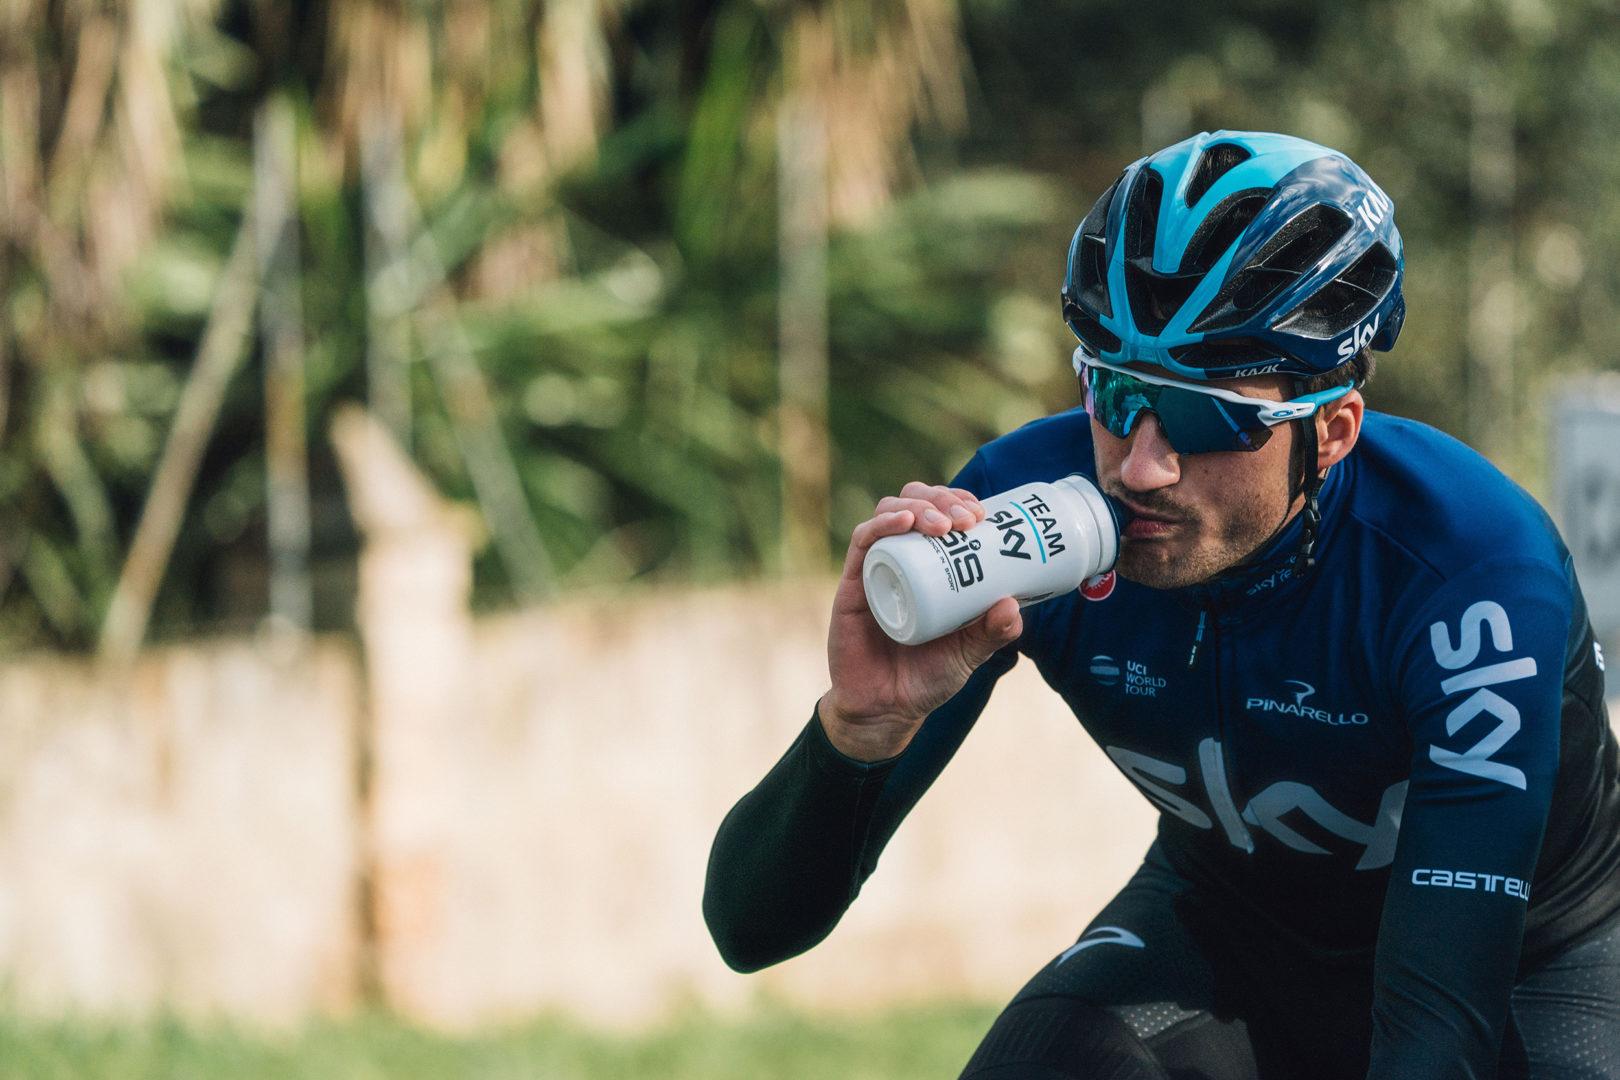 Gianni Moscon, ciclista del conjunto Sky Team